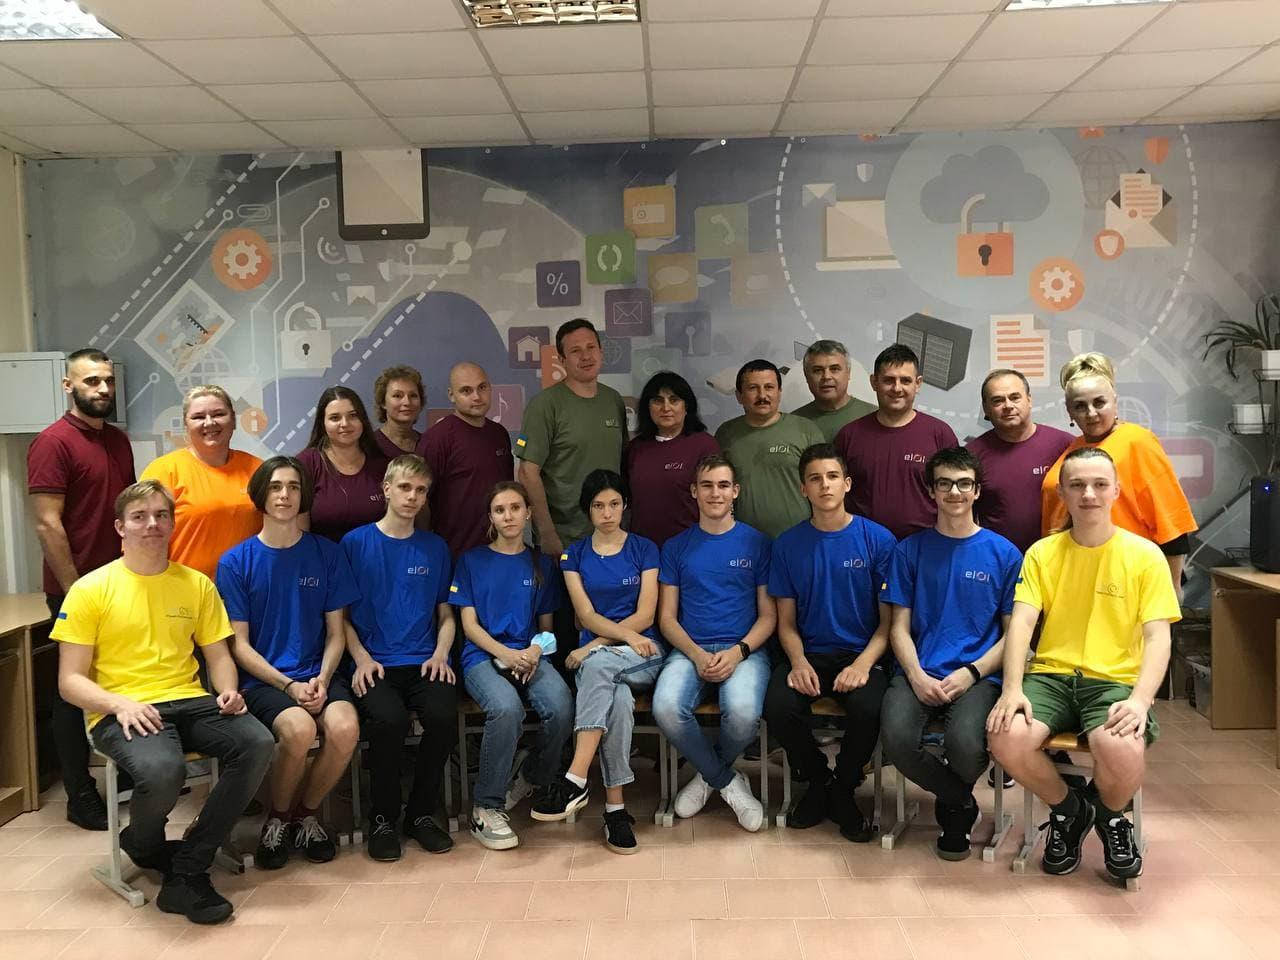 Ужгород став майданчиком для проведення Європейської юніорської олімпіади з інформатики